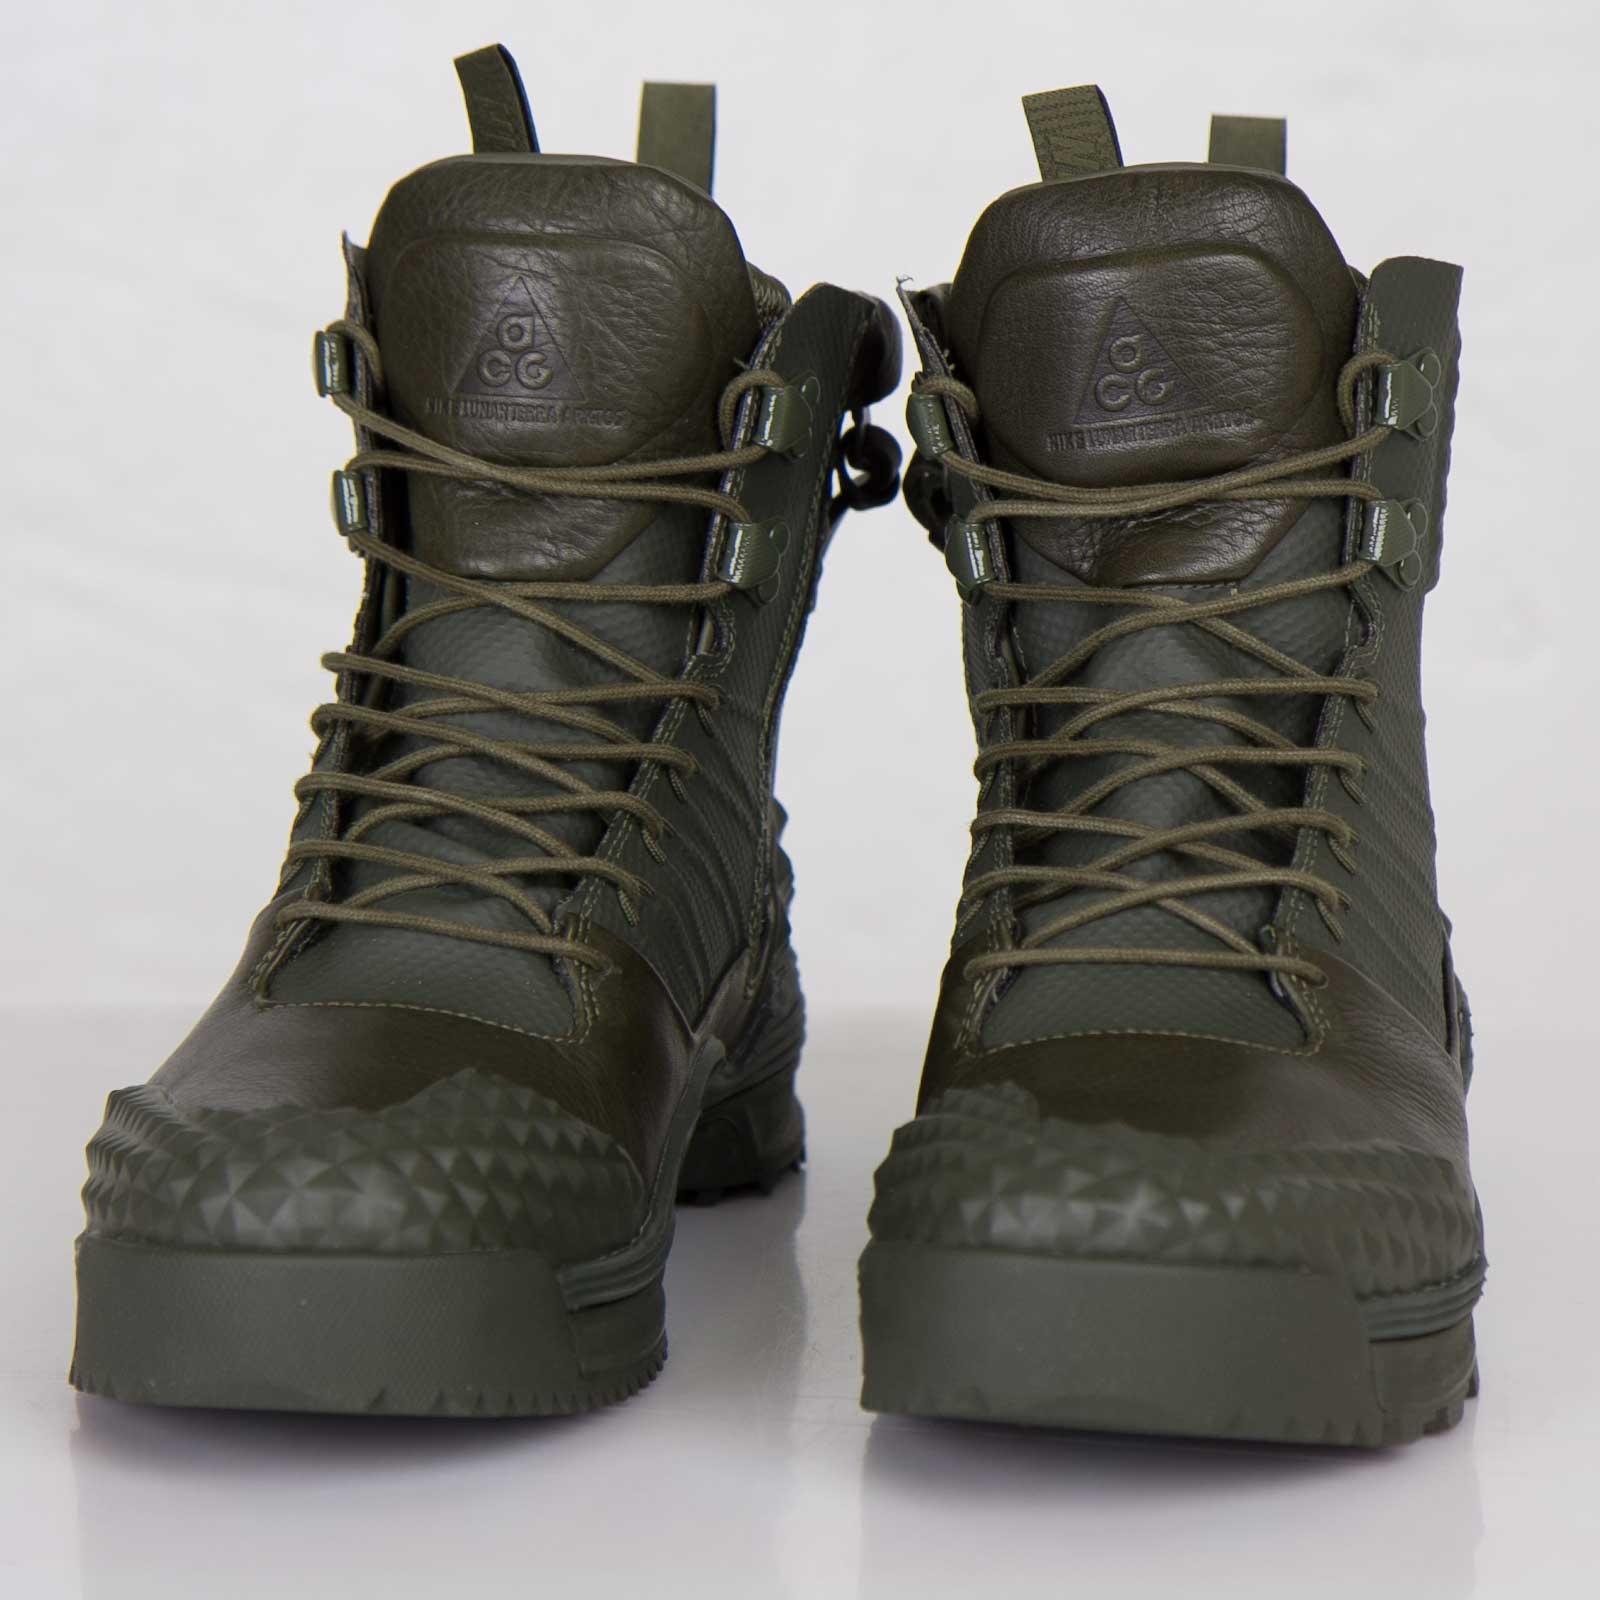 hot sale online b3f28 c7c0a Nike Lunarterra Arktos SP - 646104-222 - Sneakersnstuff   sneakers    streetwear online since 1999